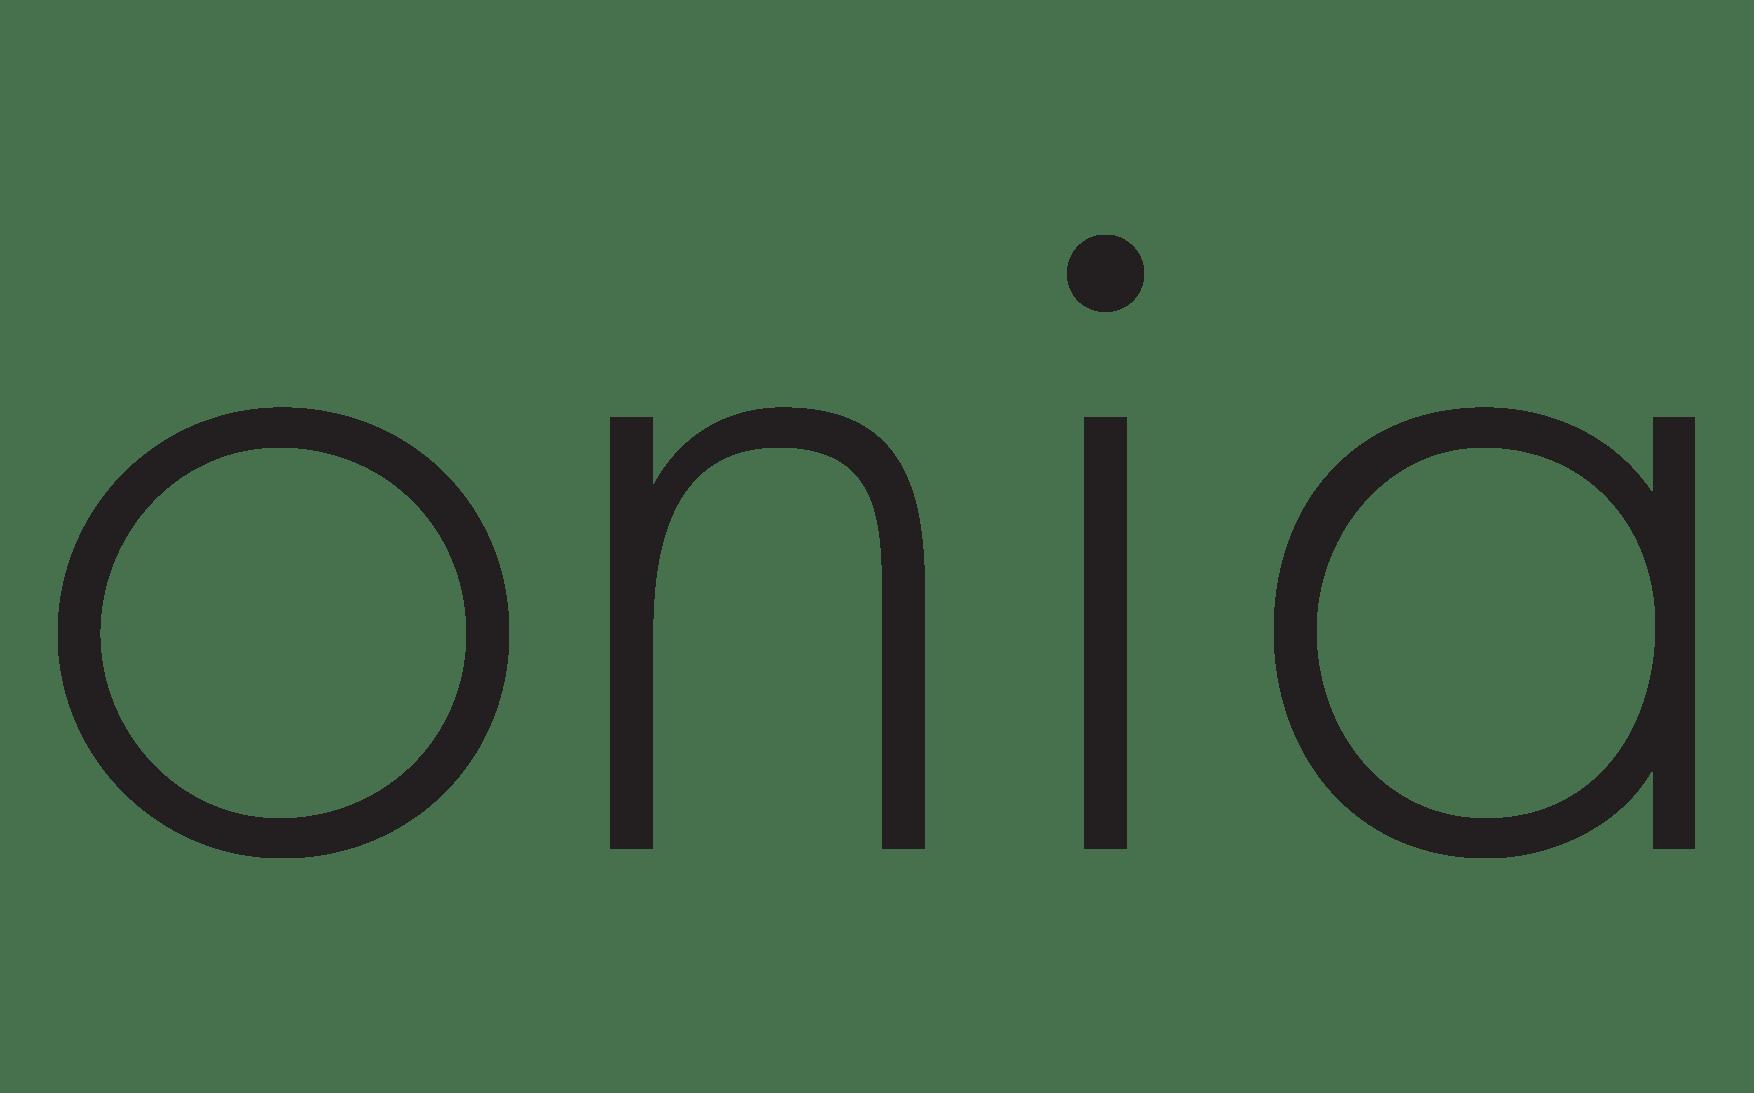 Onia company logo